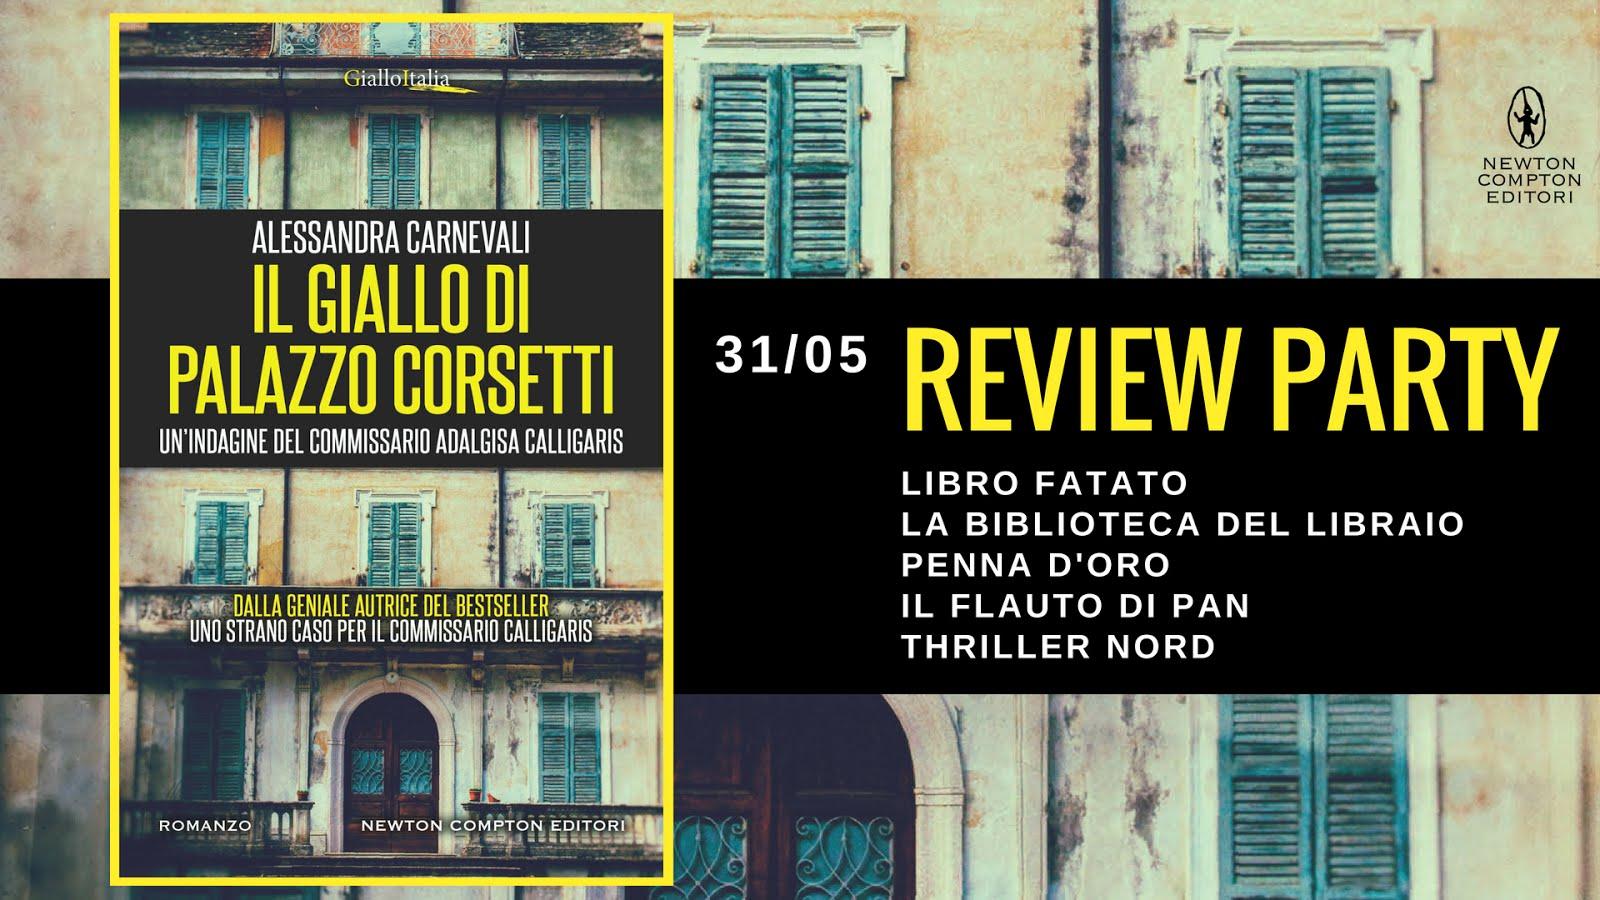 Review Party: Il giallo di palazzo Corsetti di Alessandra Carnevali